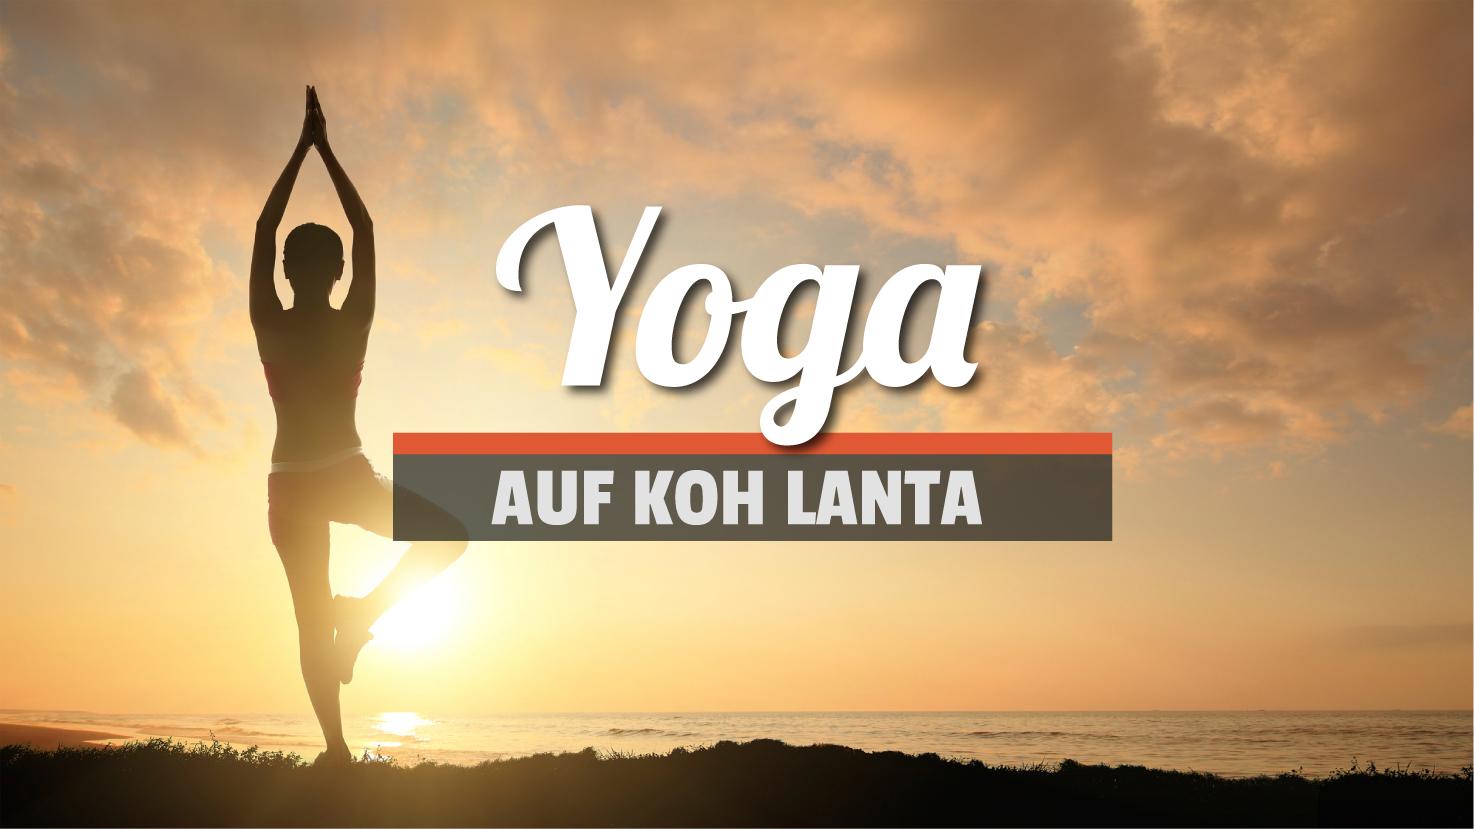 Yoga auf Koh Lanta